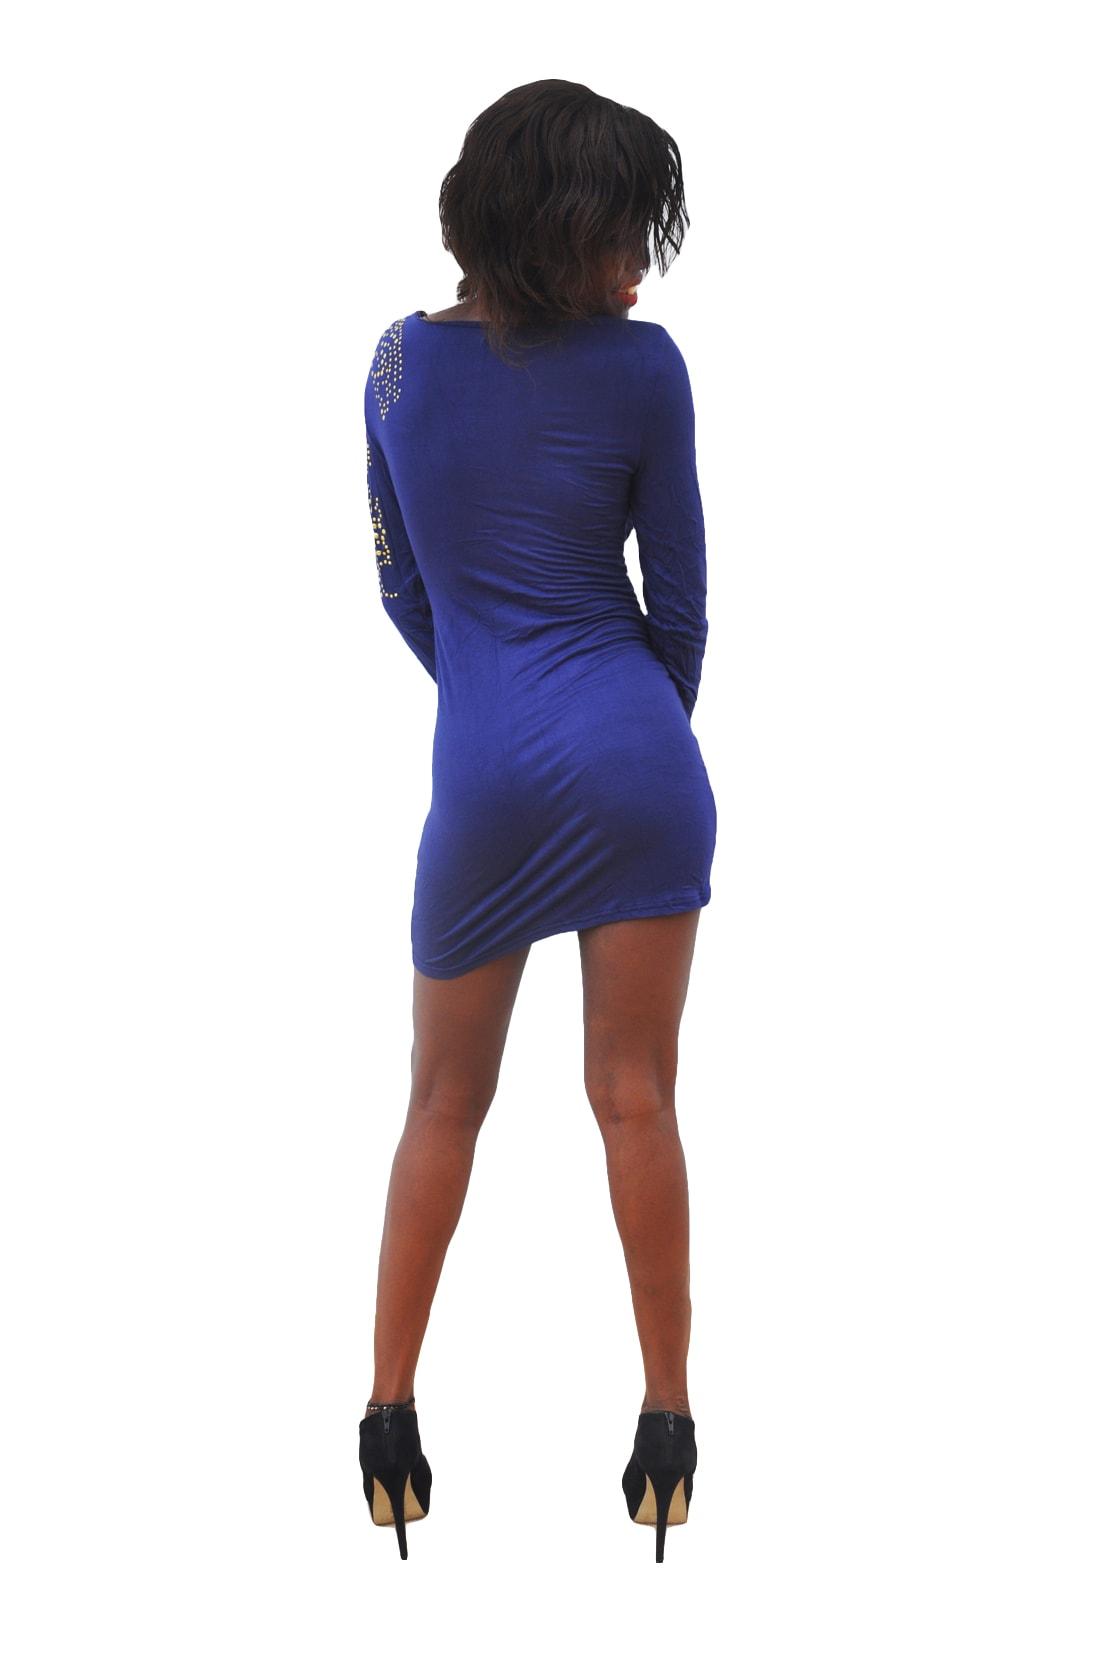 M0275 blue3 Party Dresses maureens.com boutique